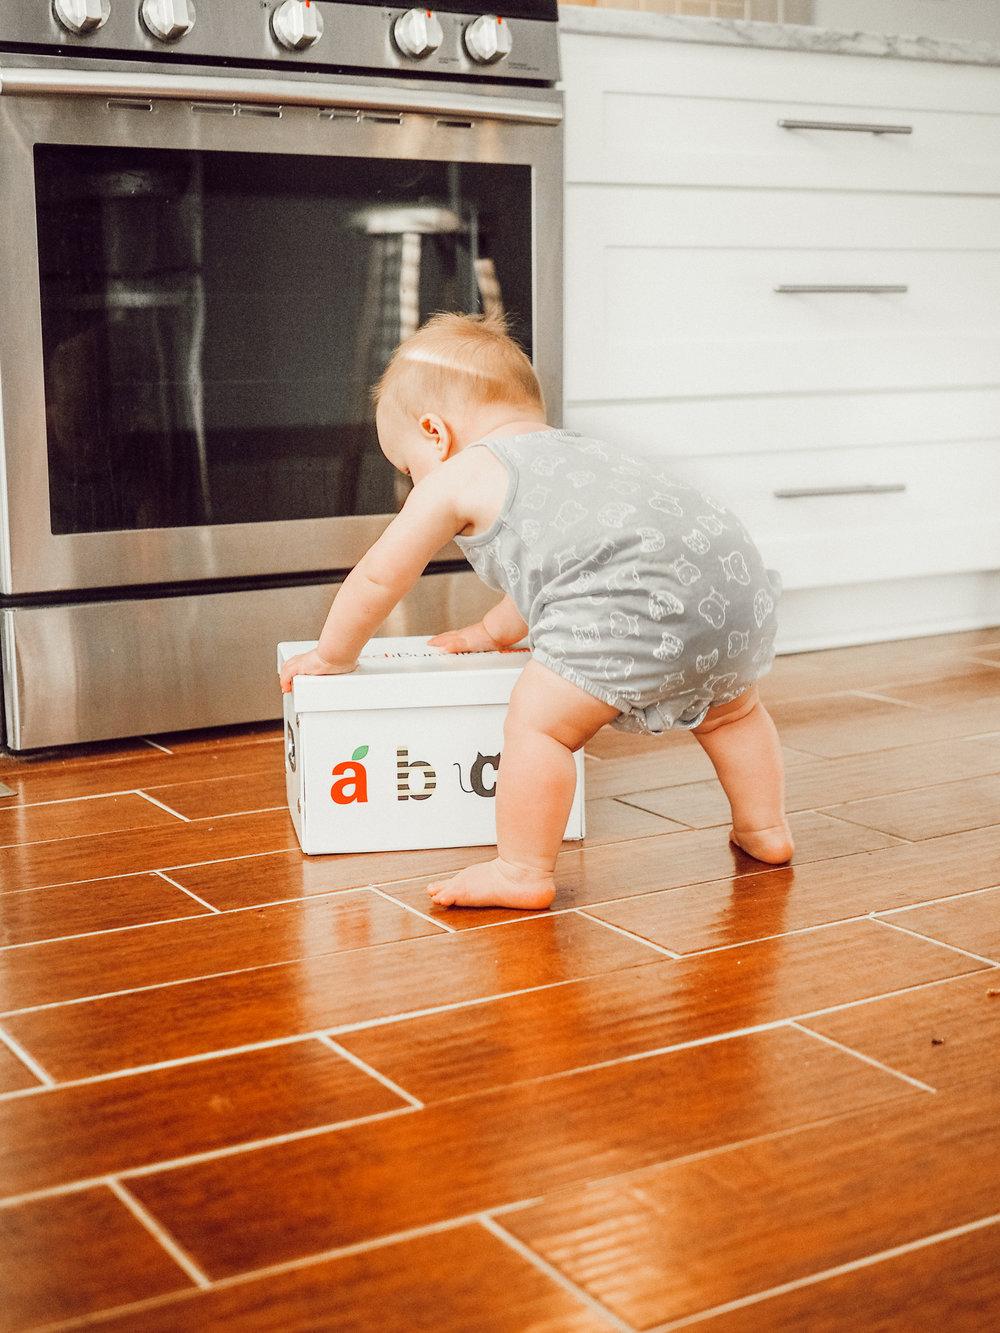 incredibundles diaper subscription services